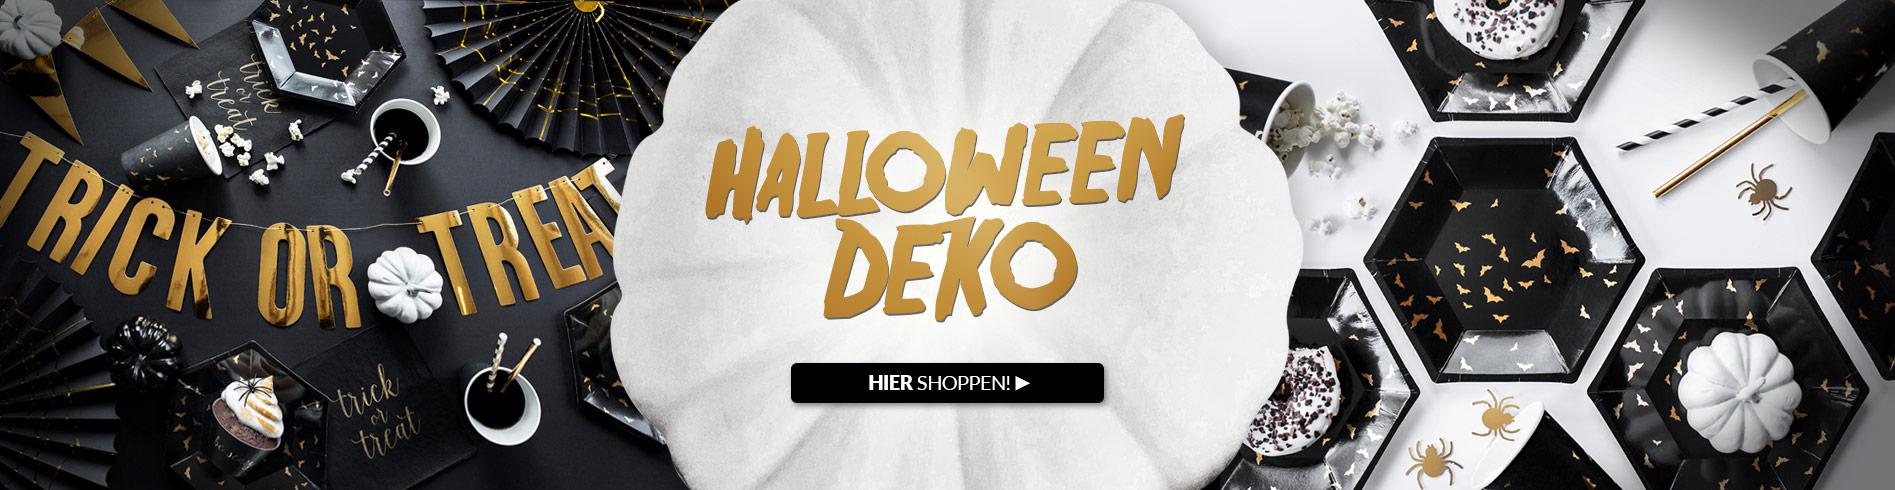 Halloween-Deko